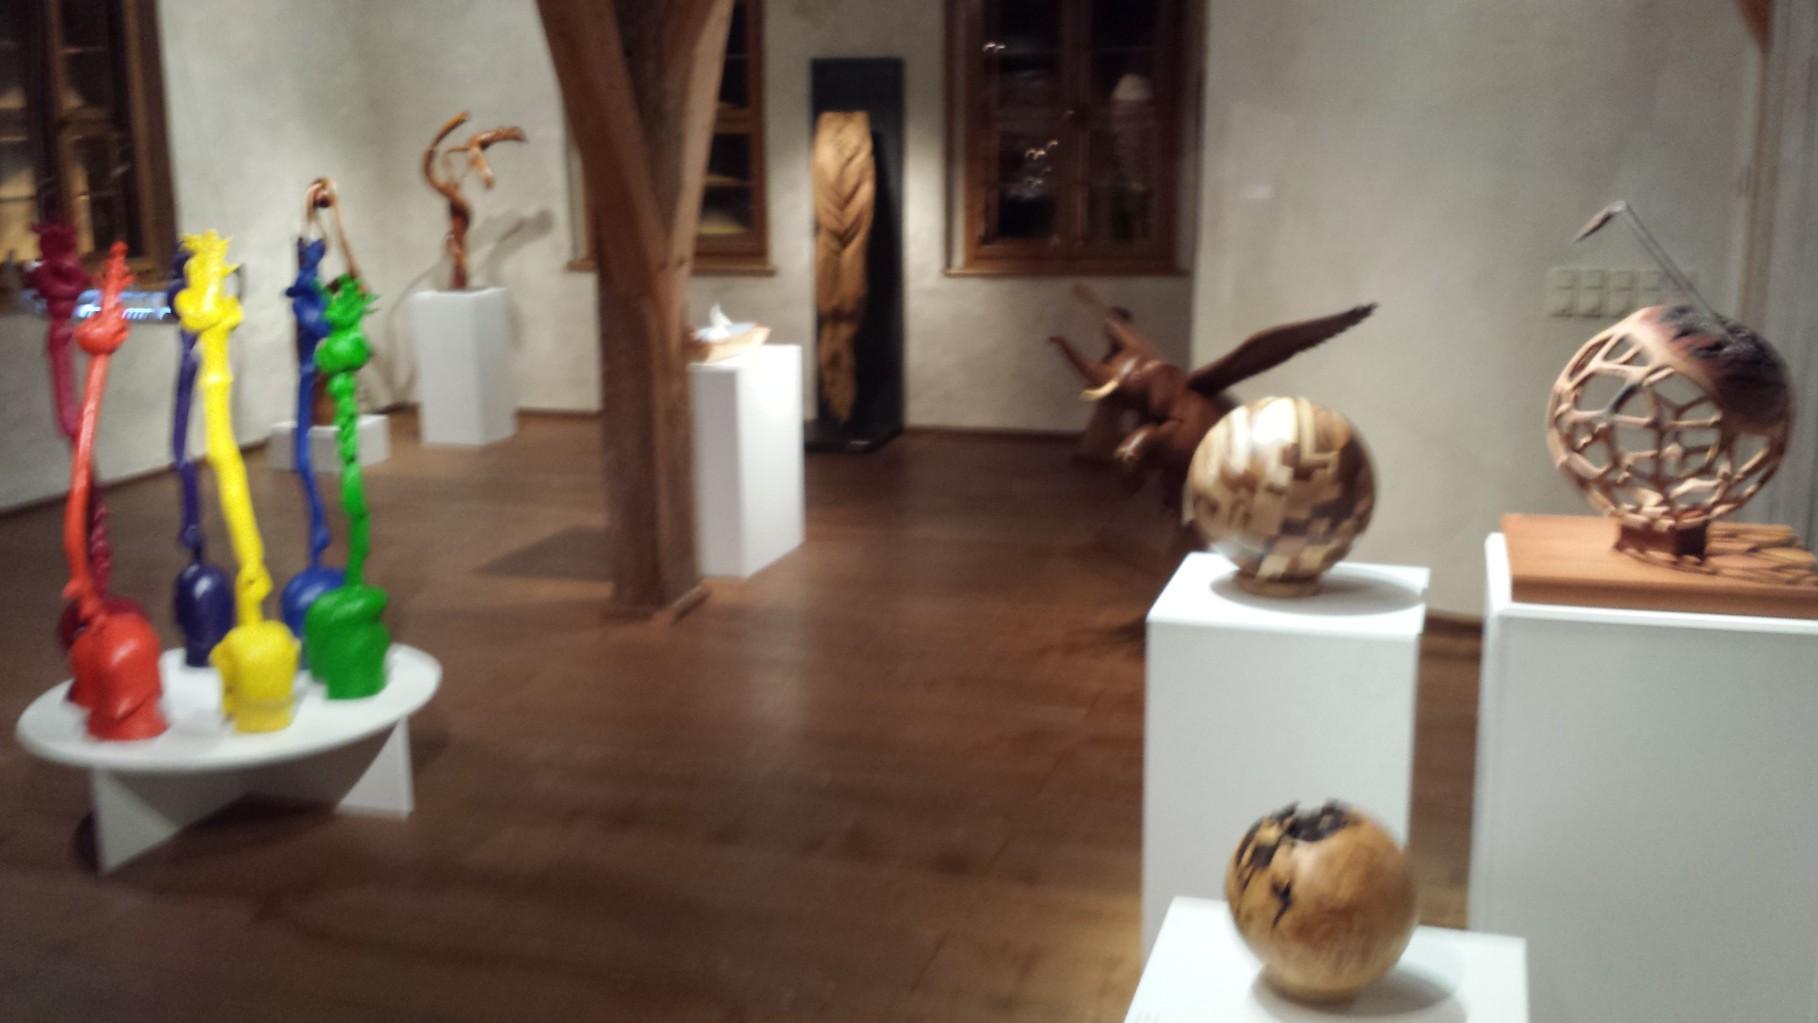 """Kunstausstellung """" Symbol des Lebens"""" mit Art Leben im Holz im Wasserschloss Kaffenbach bei Chemnitz"""